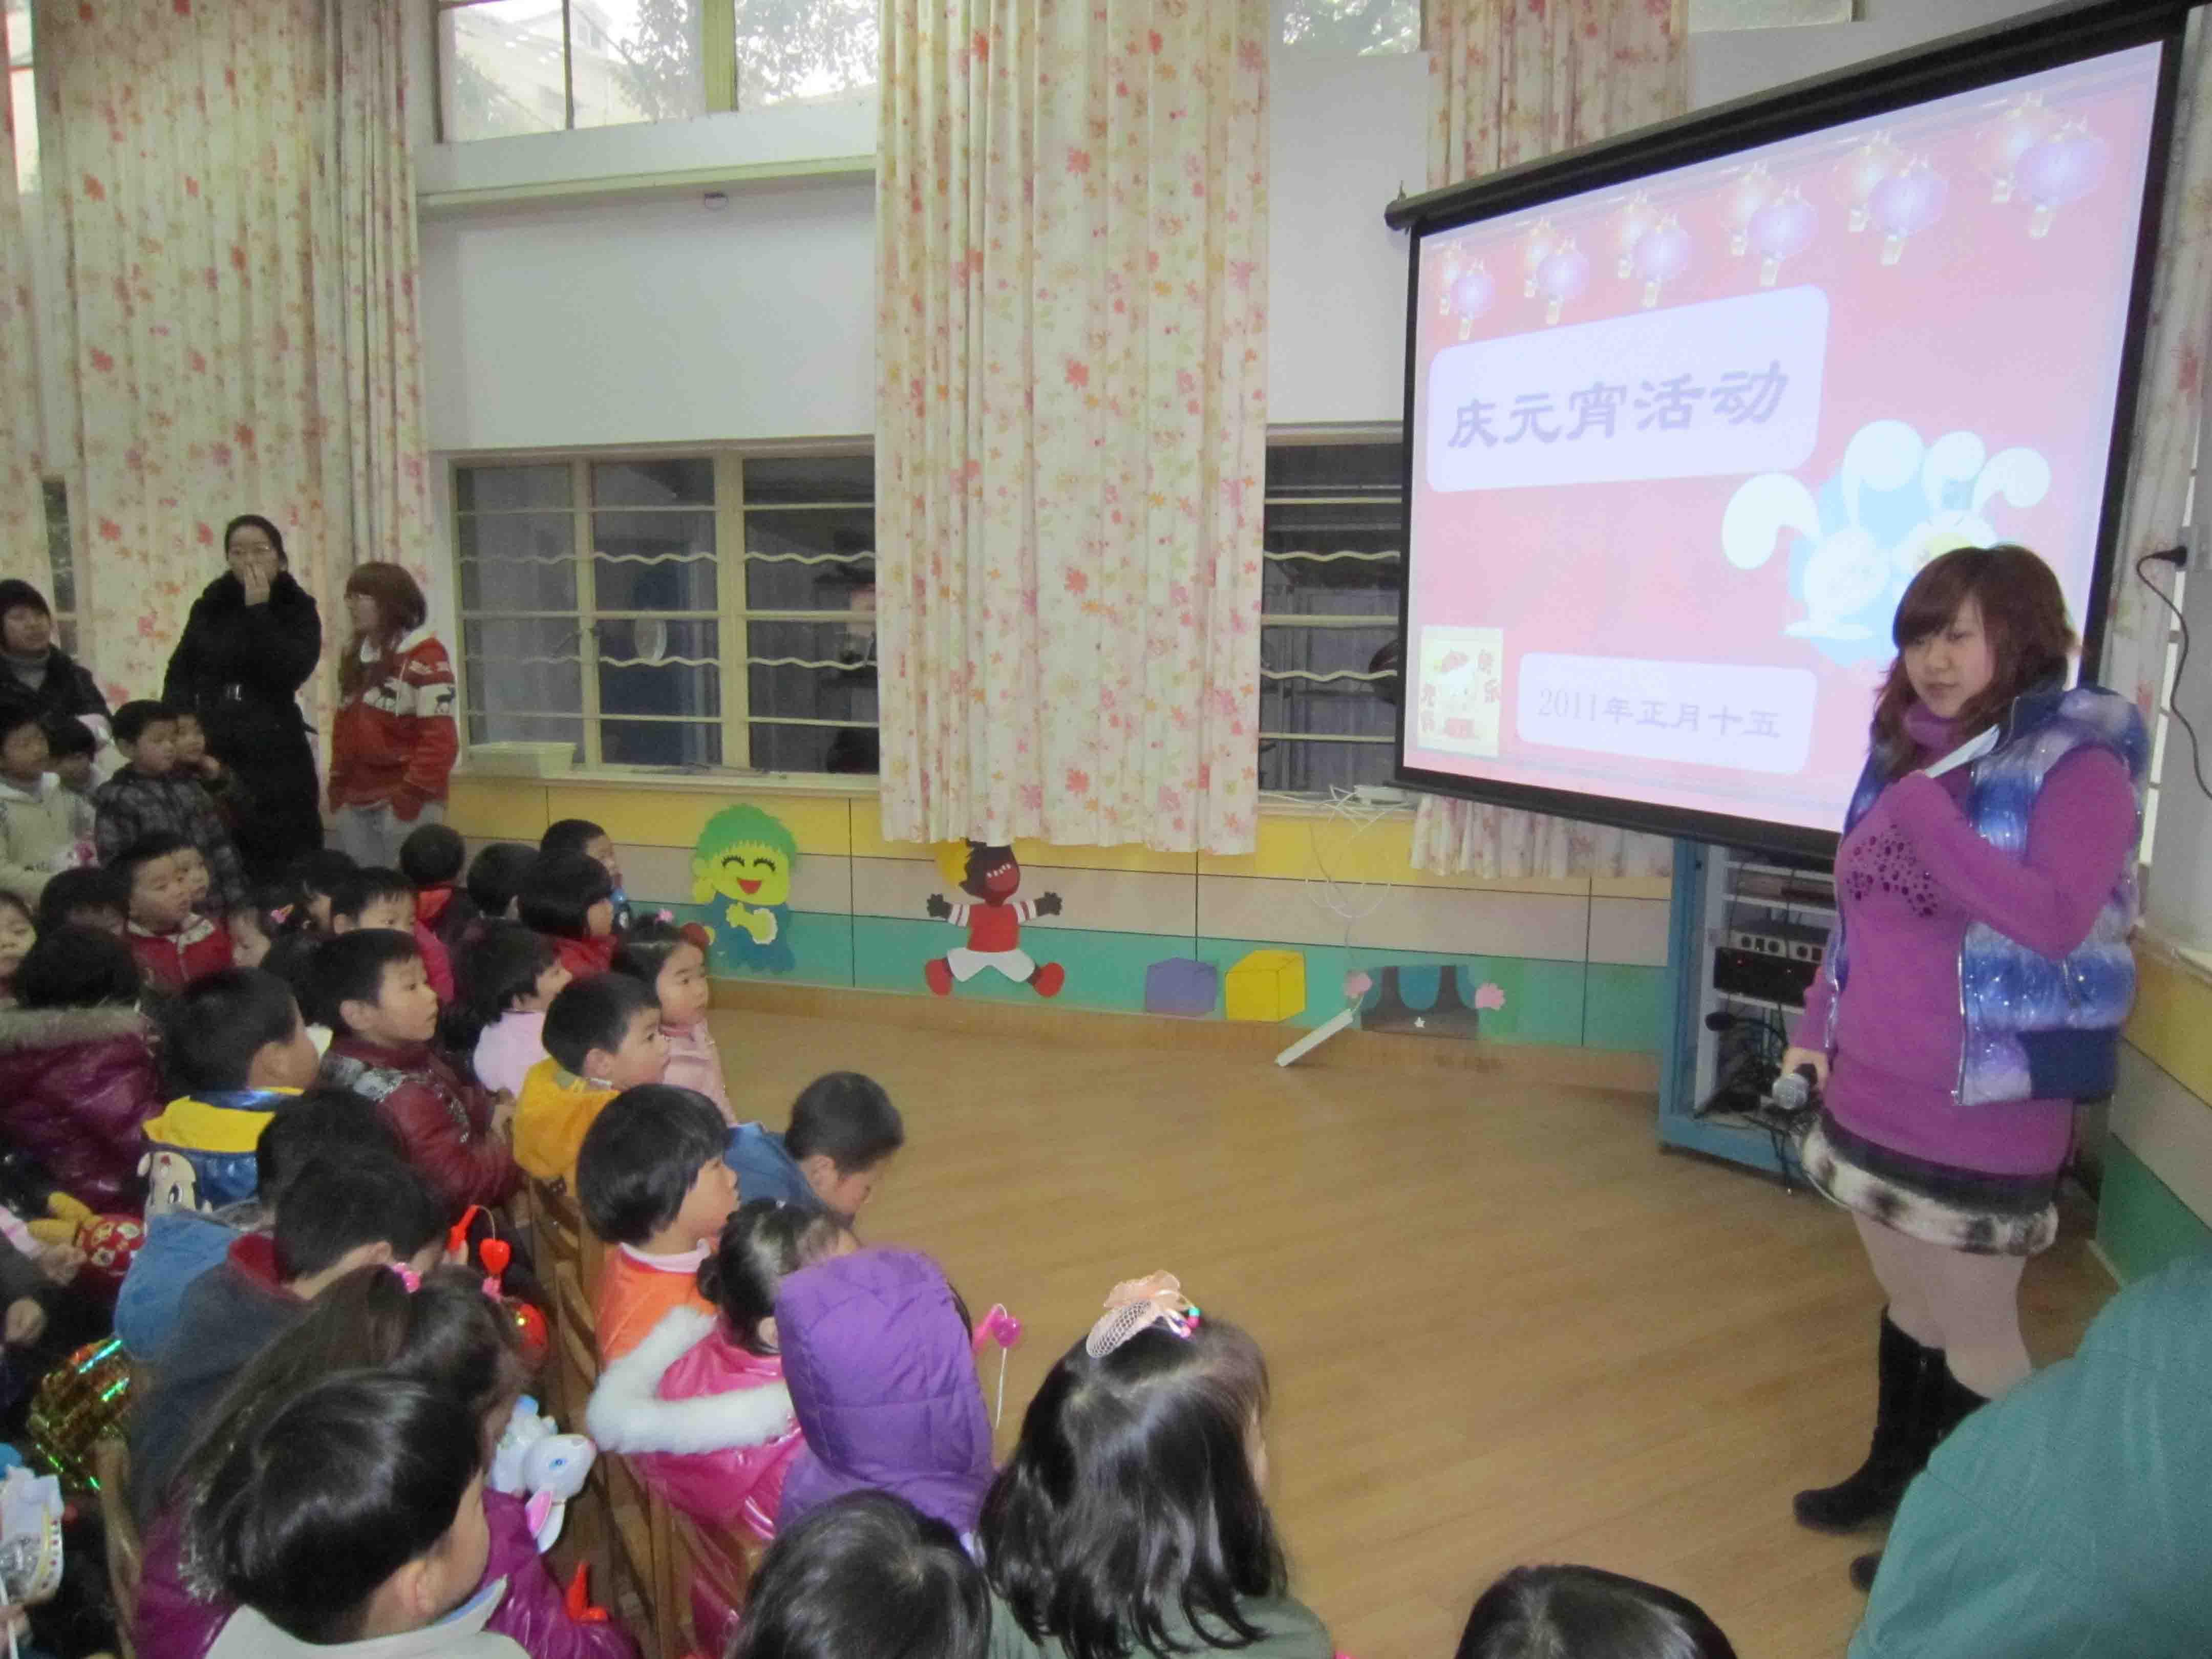 上海虹口区水电路幼儿园